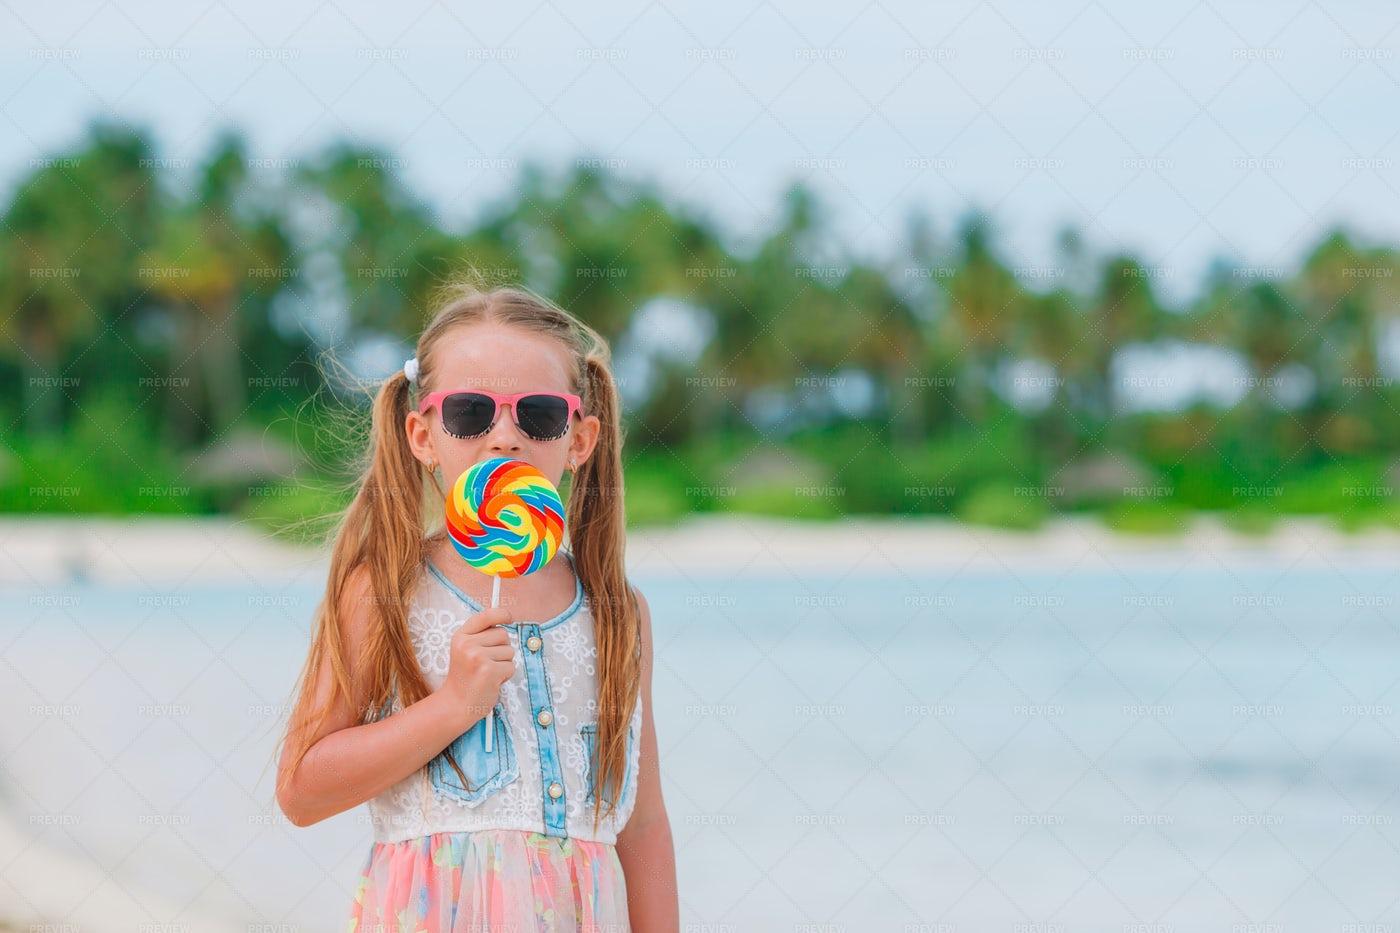 Girl With Lollipop On Beach: Stock Photos